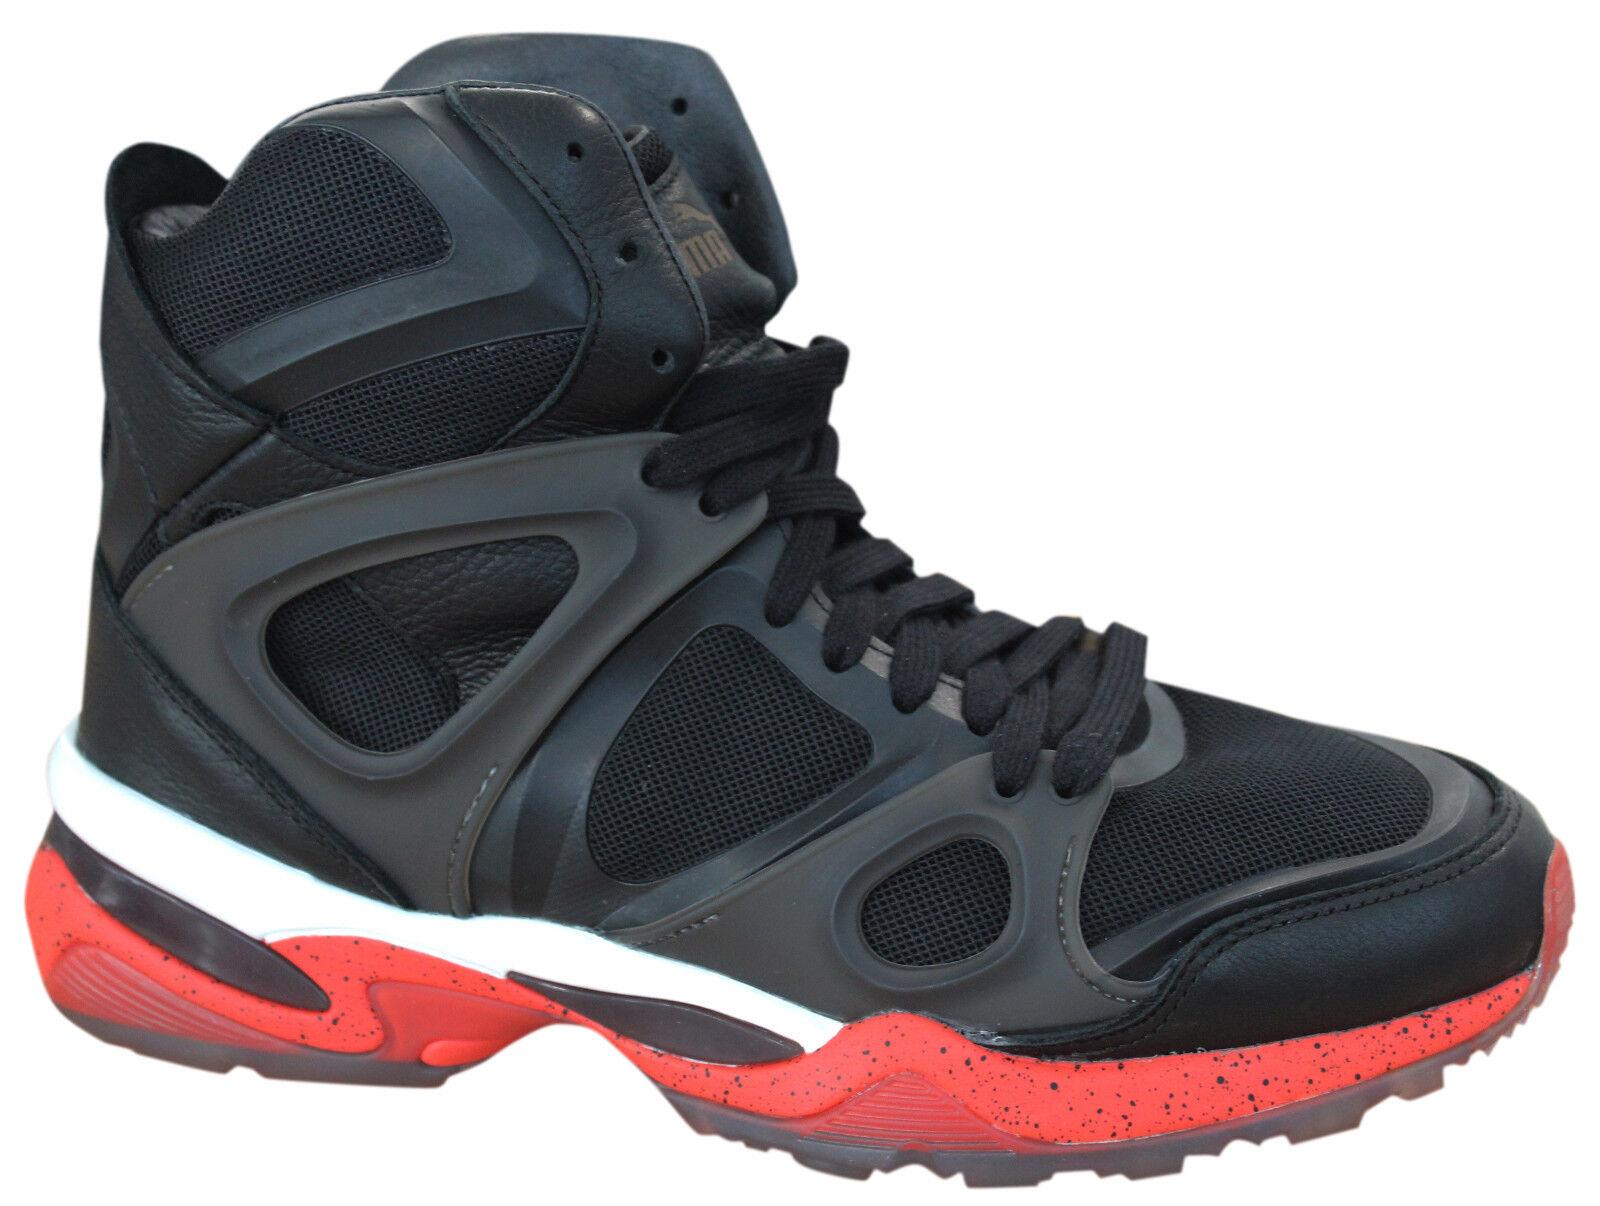 Puma Alexander McQueen AMQ Run Media Zapatillas Para Hombre Textil Negro 357157 01 D95